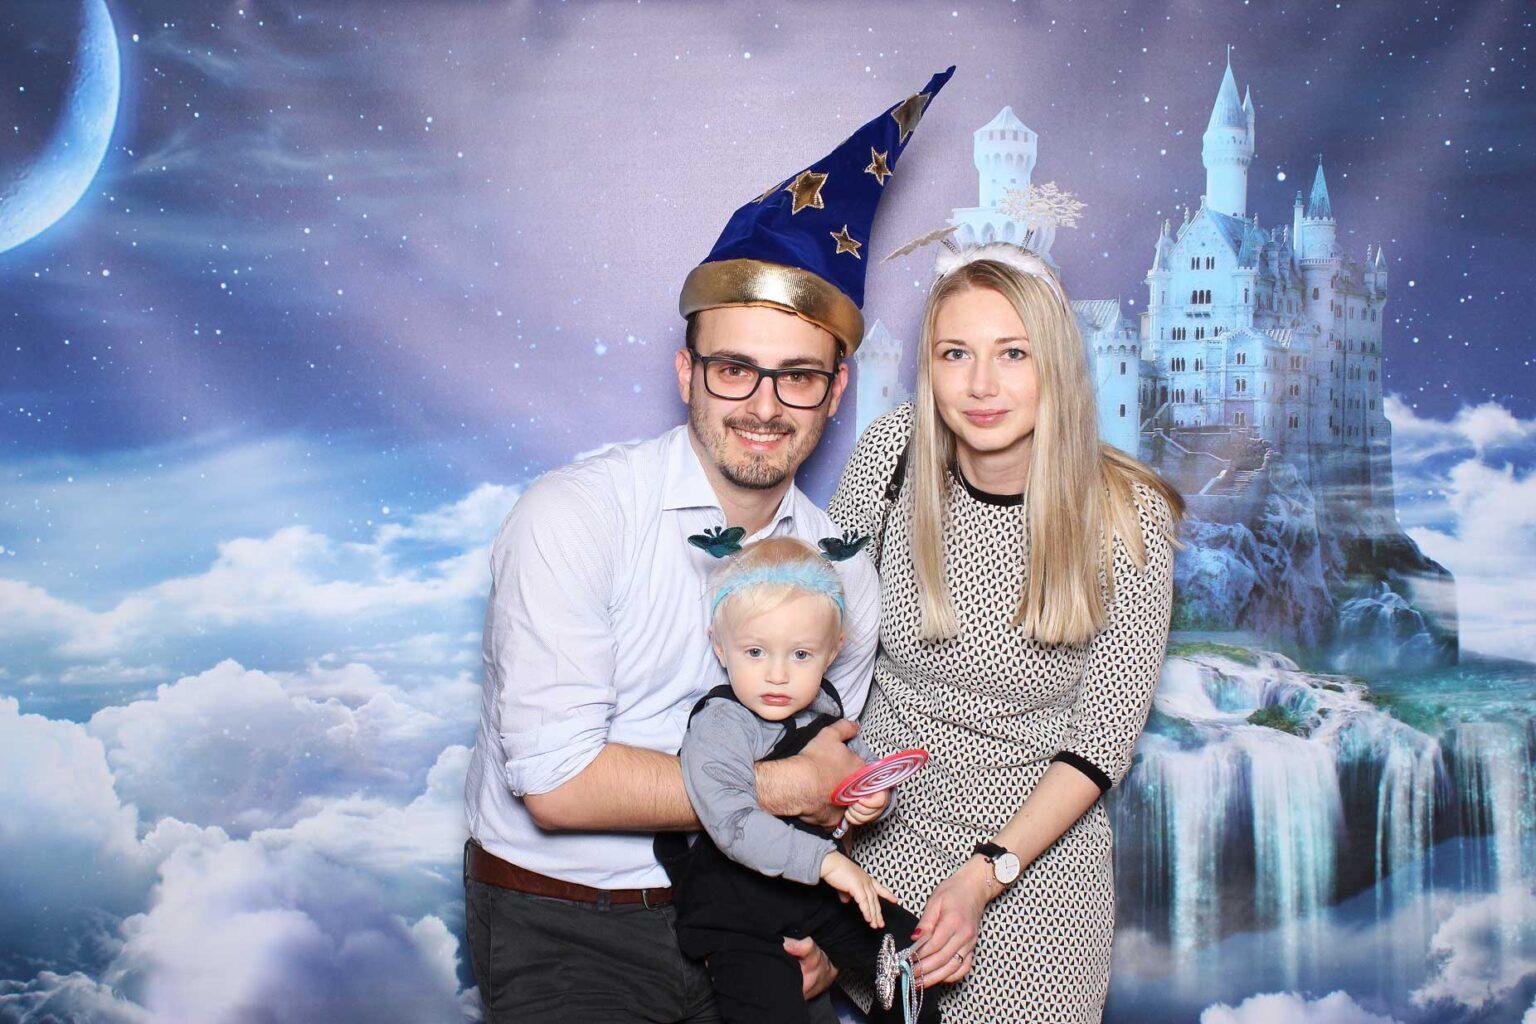 Pozadie fairytale castle - rozprávkový hrad - fotokútik.